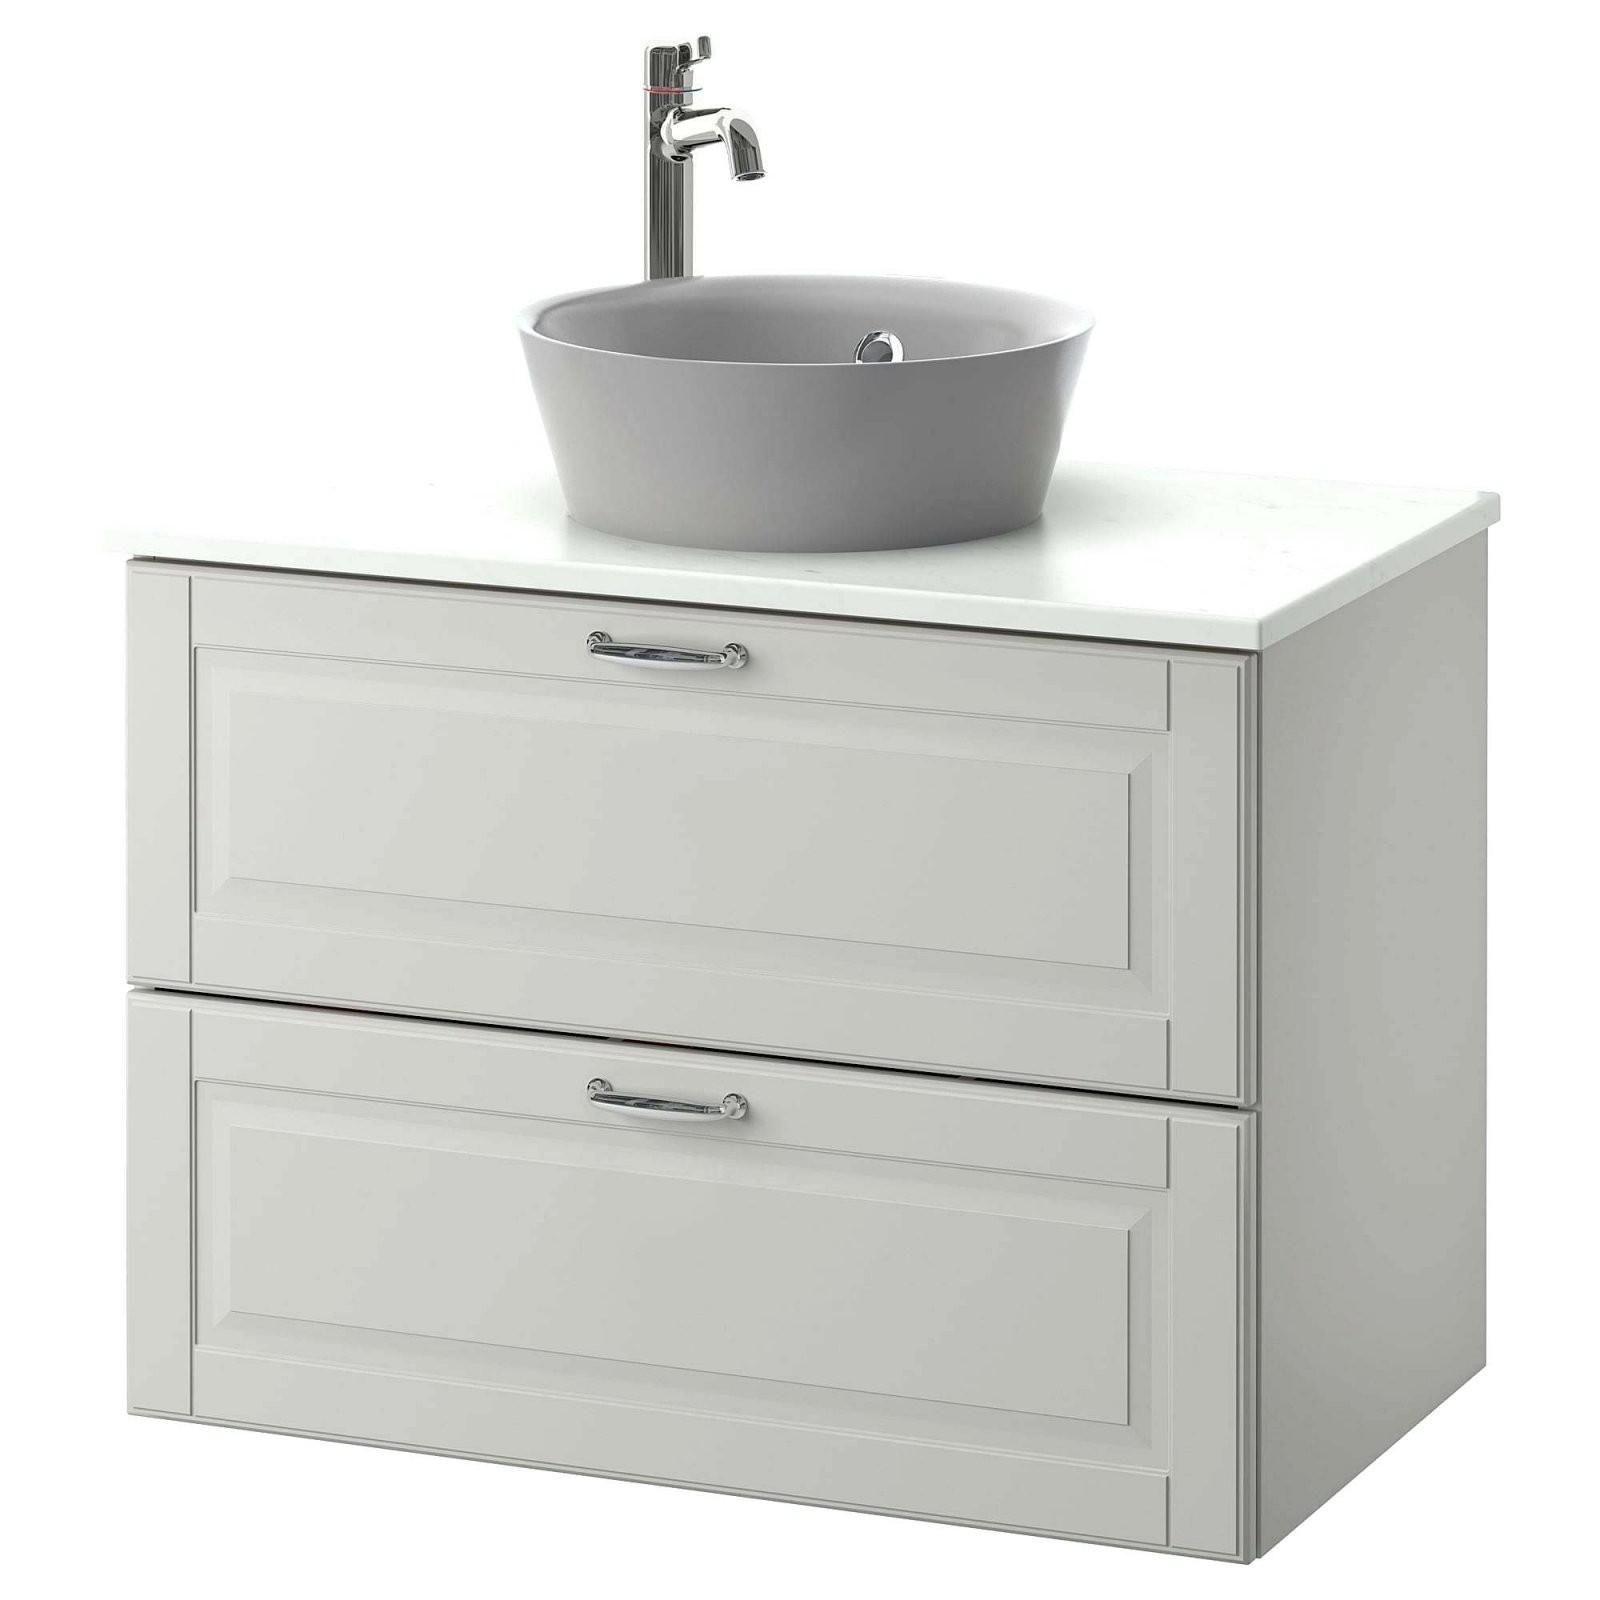 Waschbecken Mit Unterschrank Ikea Gaste Wc Waschbecken Mit von Waschbecken Mit Unterschrank Ikea Bild